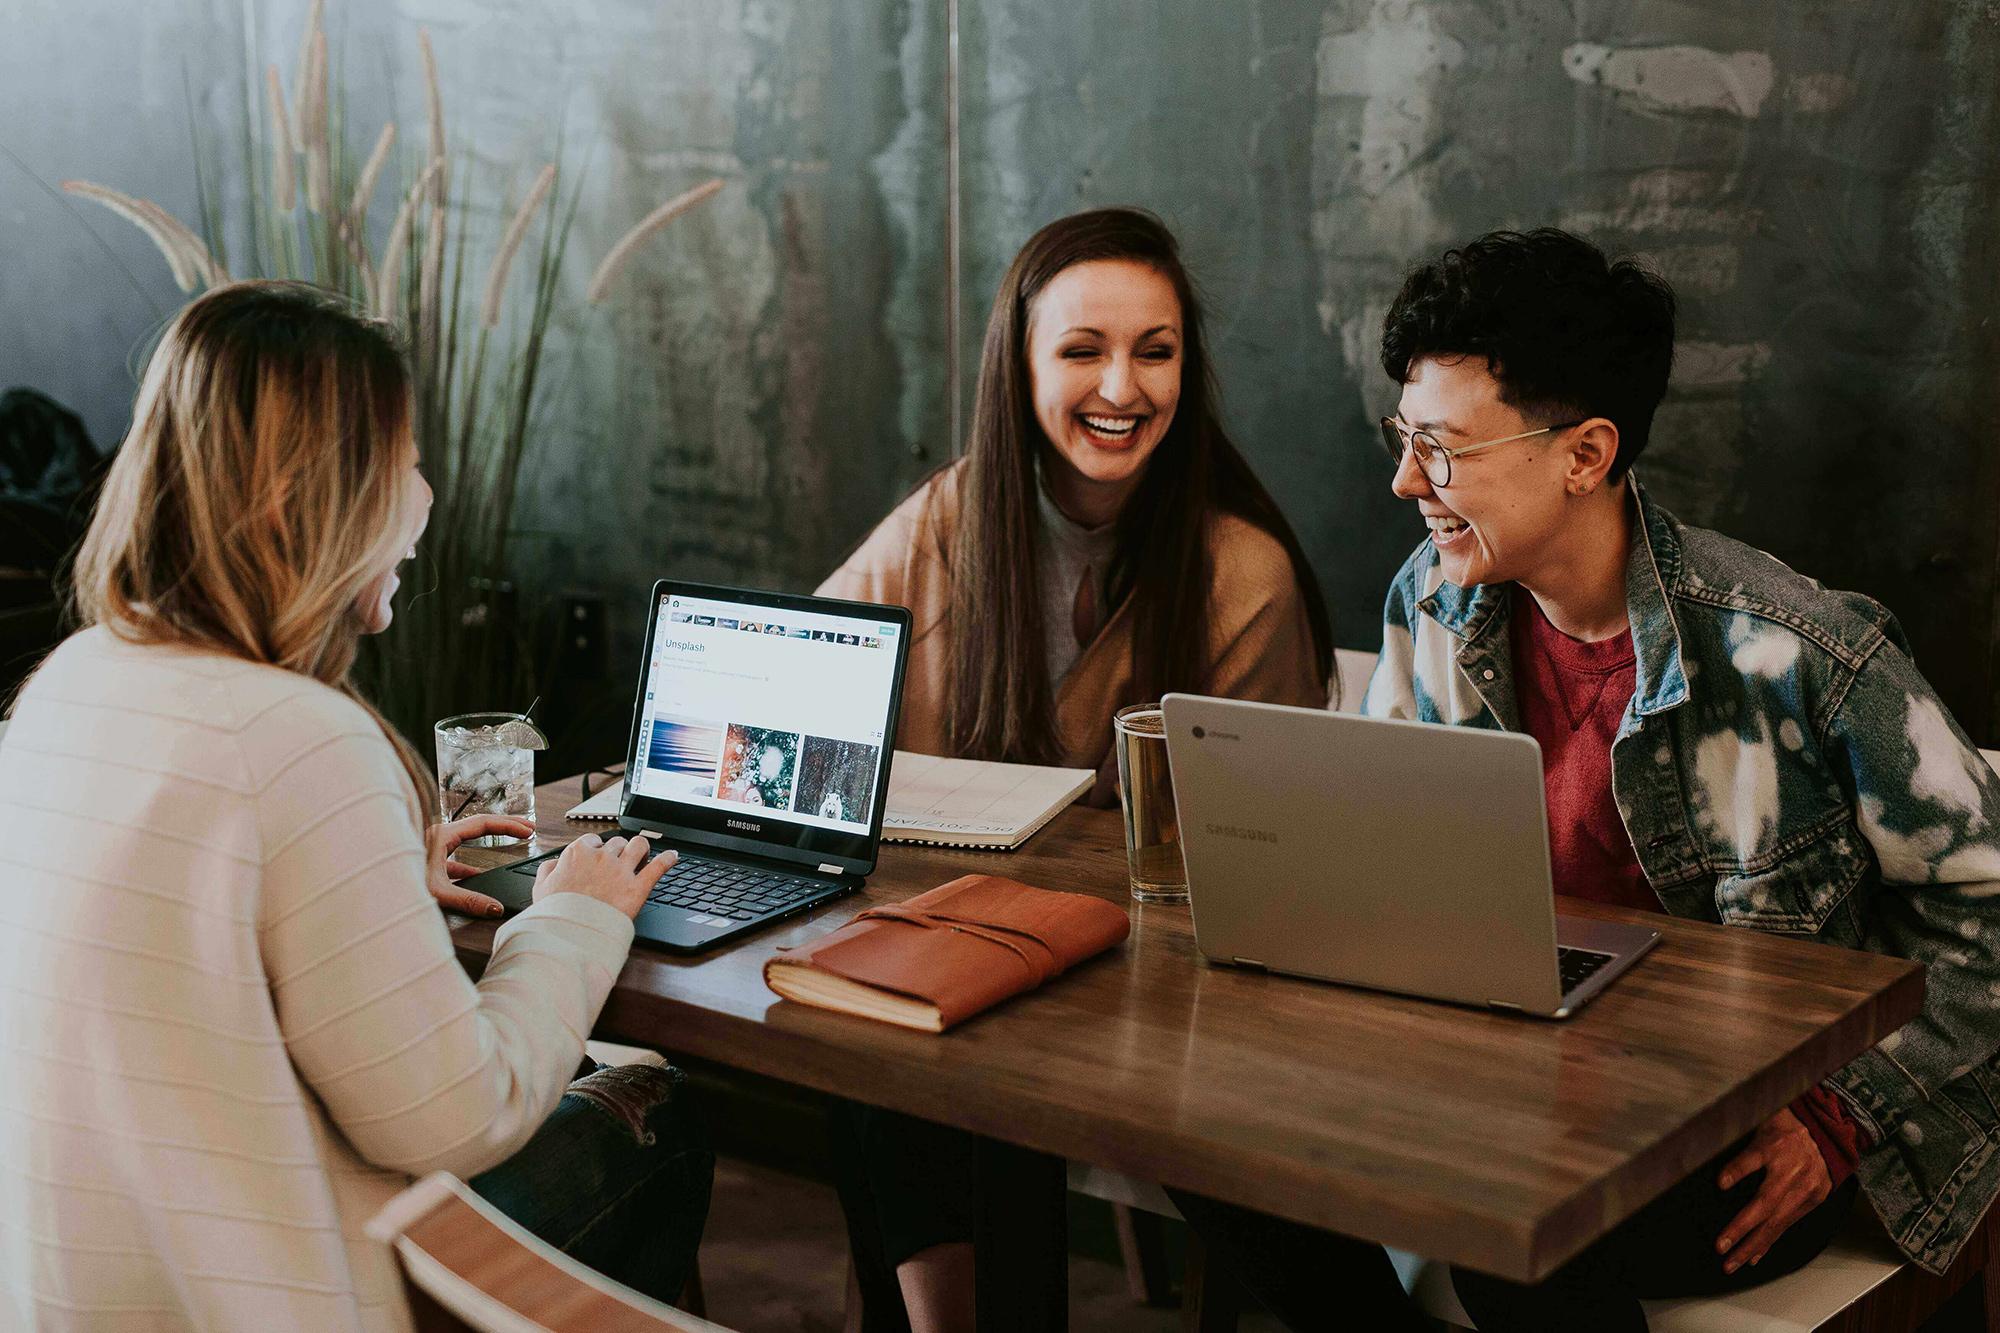 Drie lachende vrouwen achter hun laptops aan een tafel